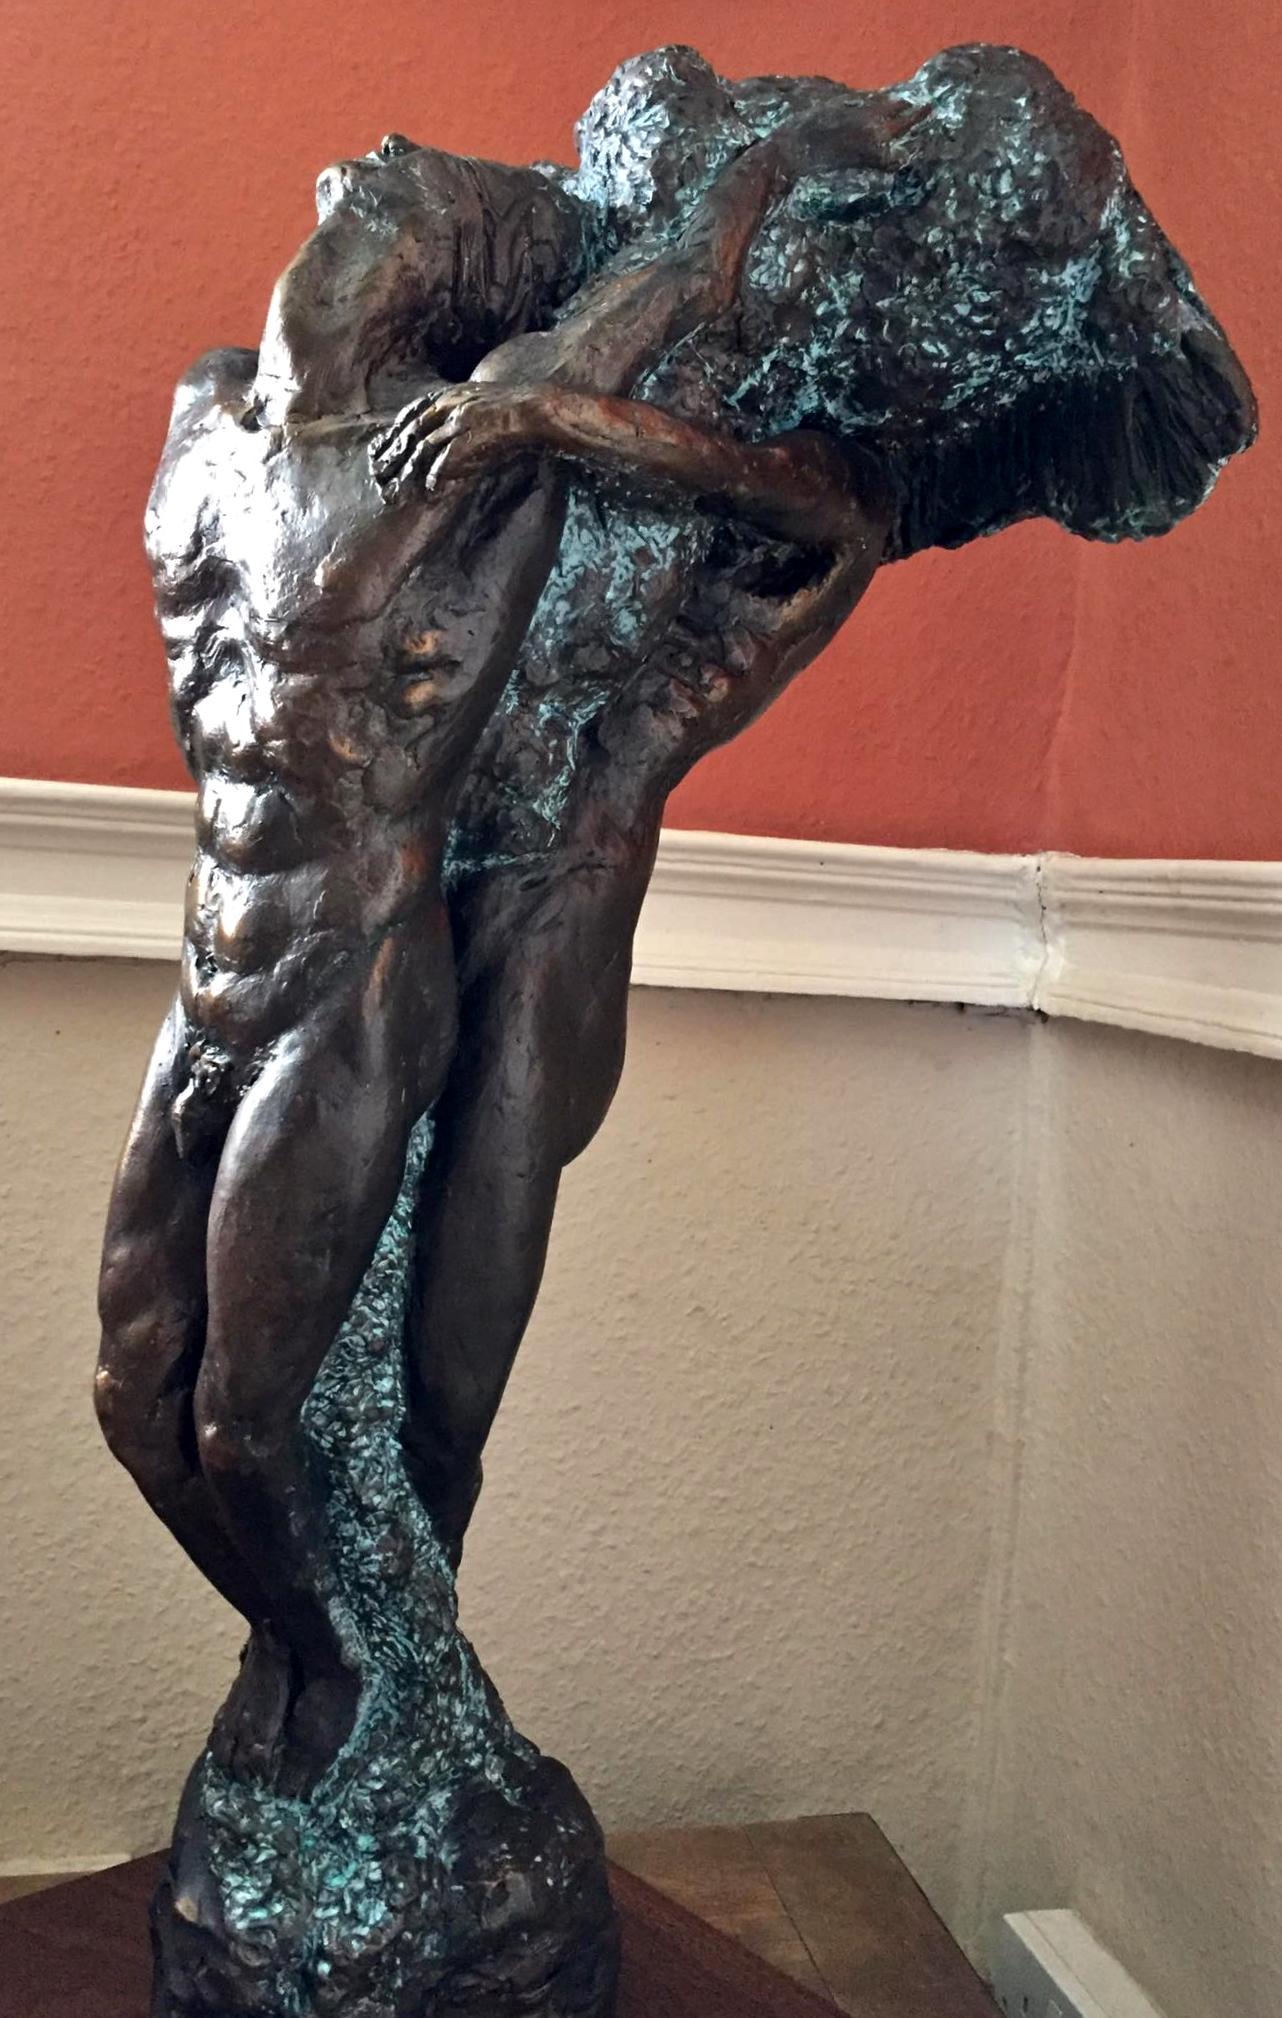 sculpture in Kent UK